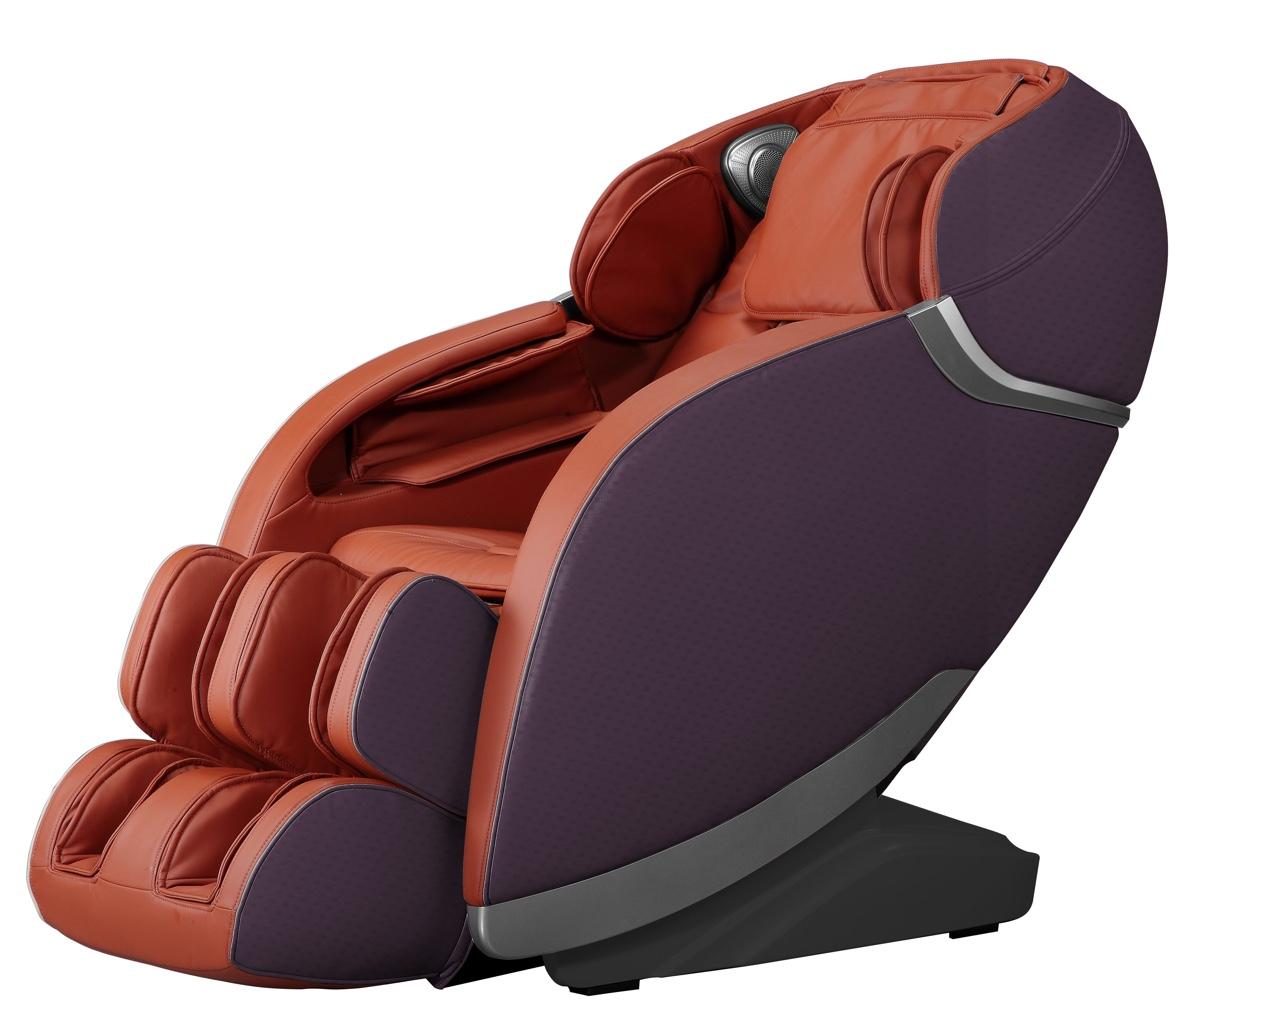 ghế massage Sport FUJIKIMA - FJ-C808